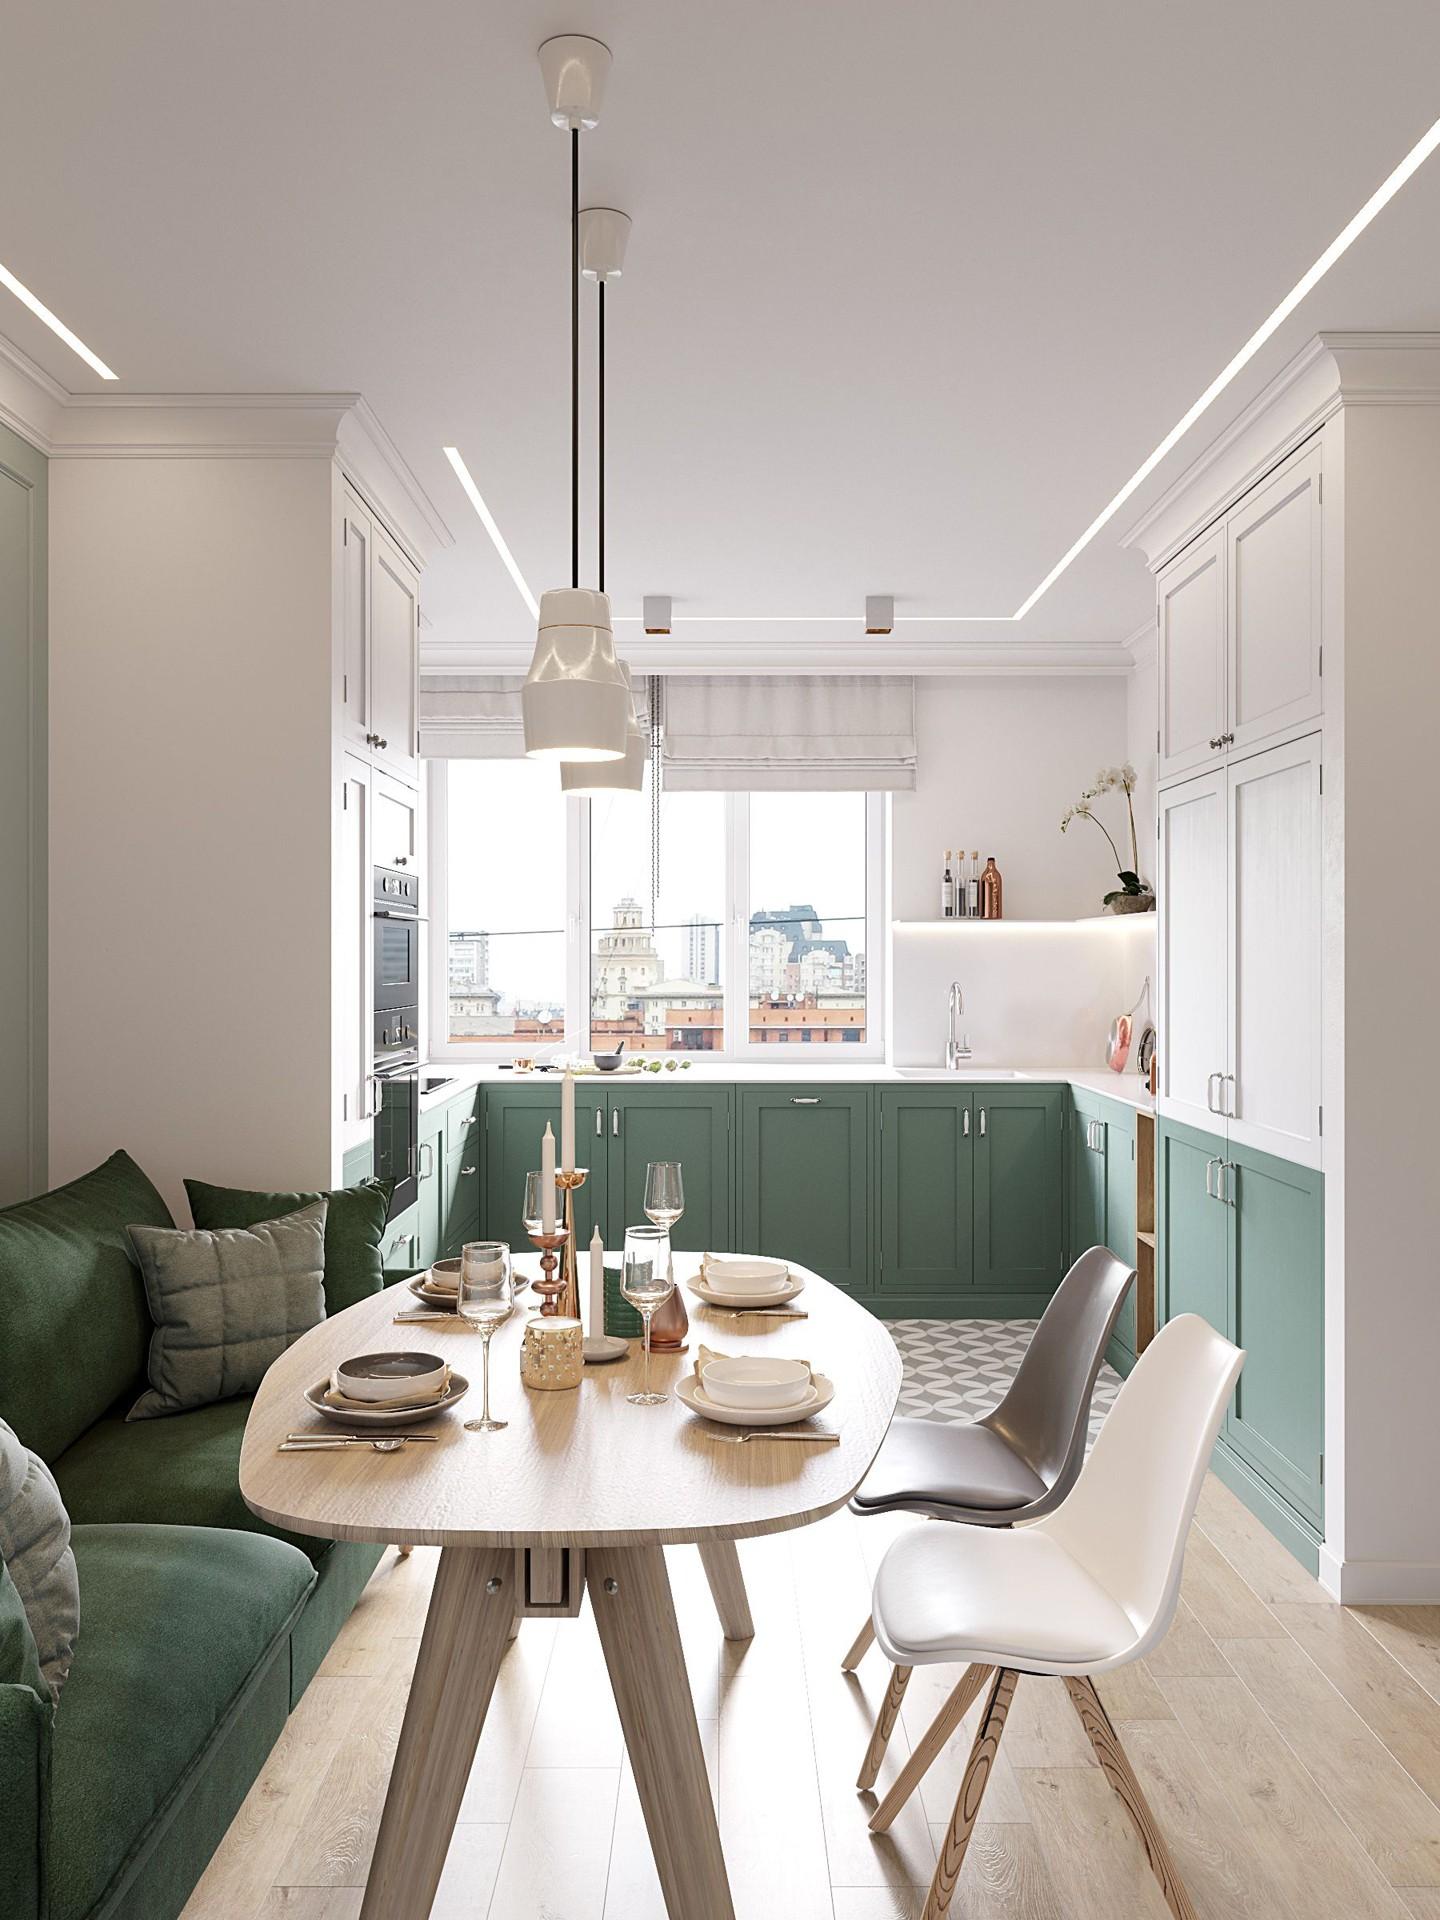 Décor do dia: armários bicolores na cozinha (Foto: Divulgação)